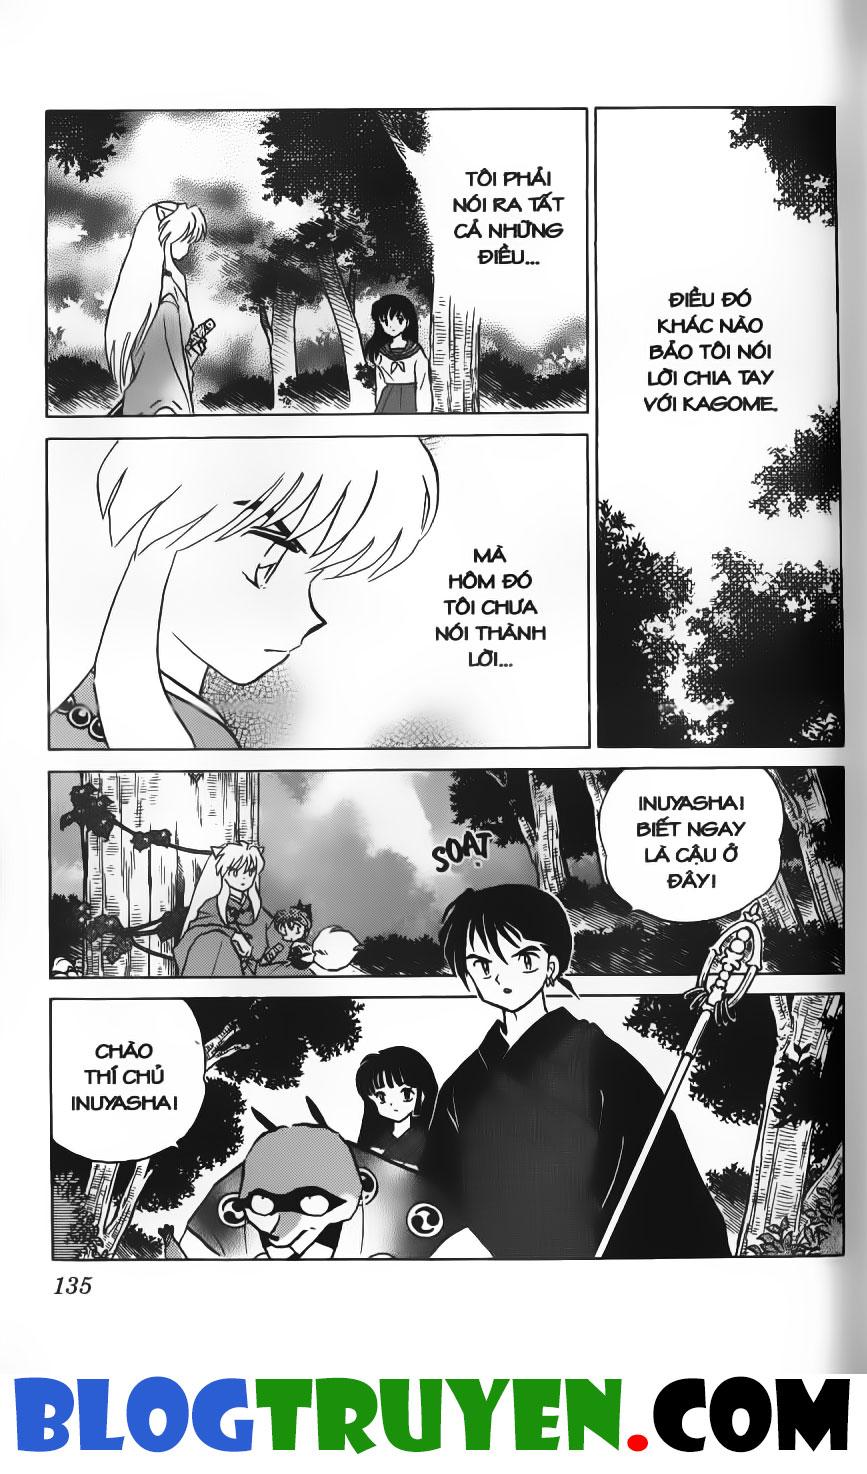 Inuyasha vol 18.8 trang 5